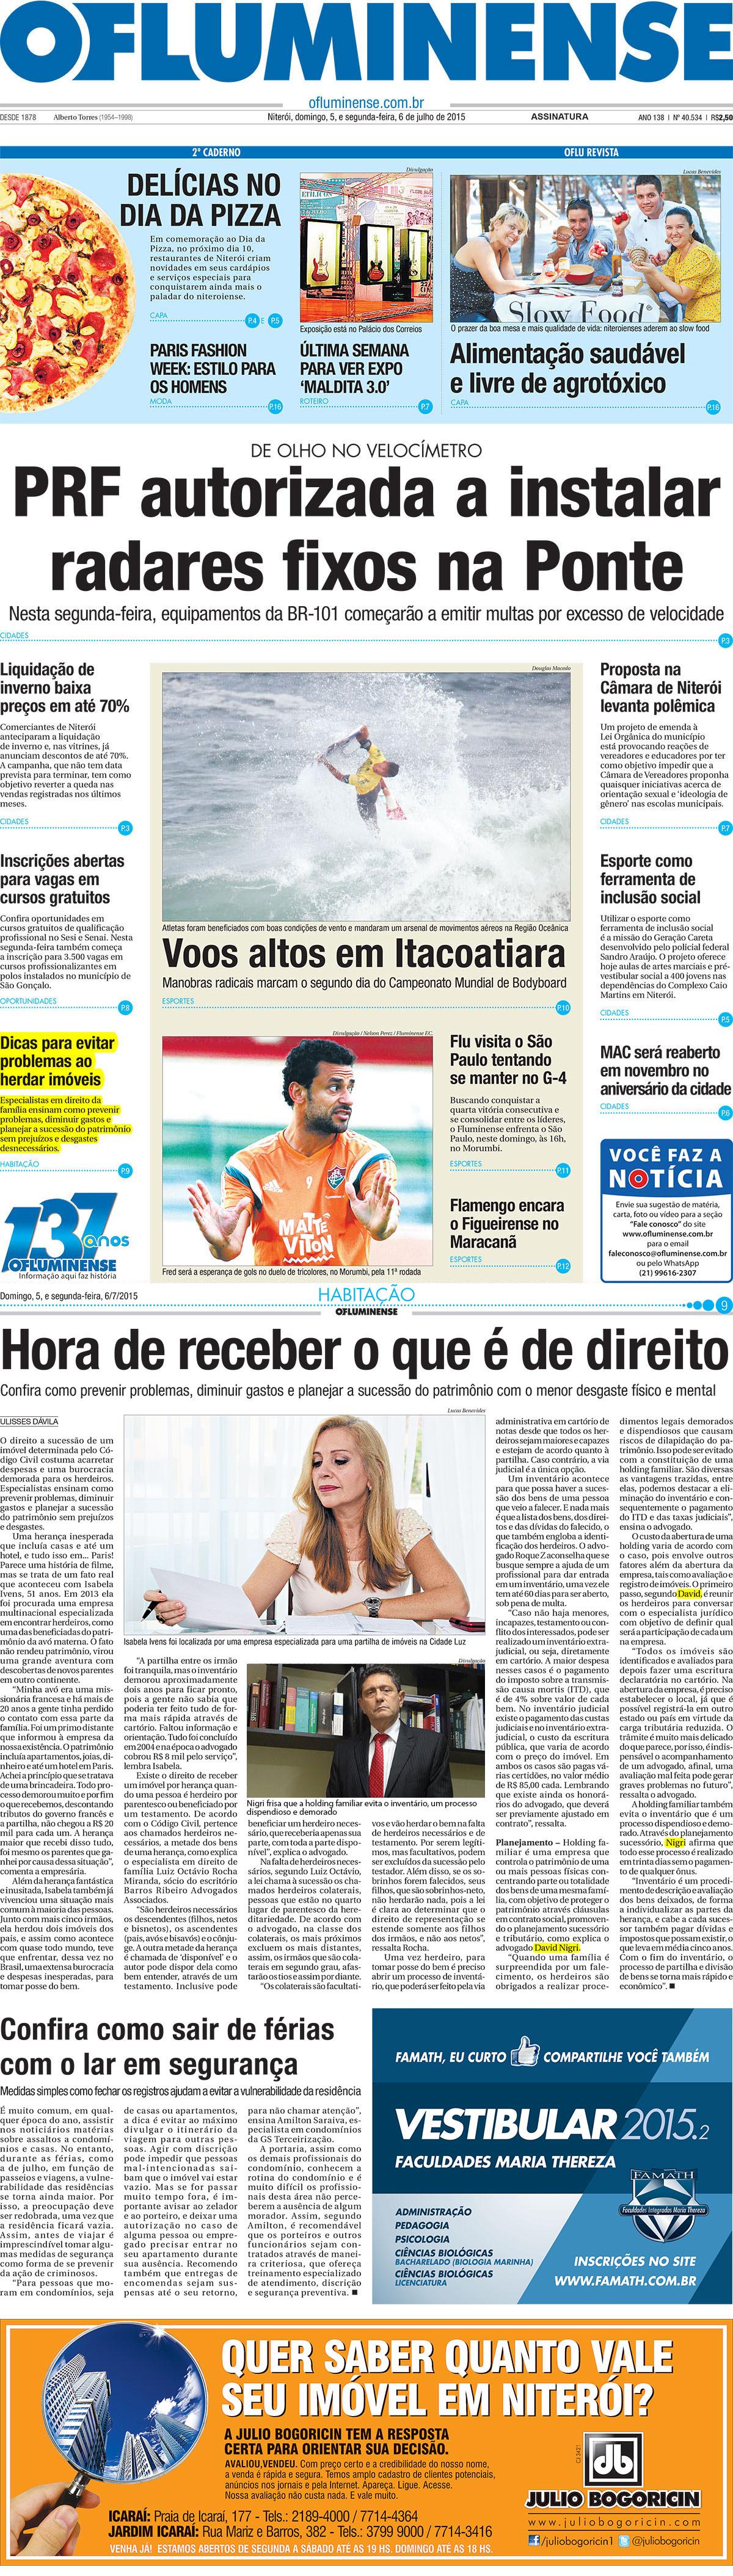 jornal-o-fluminense-05-07-15